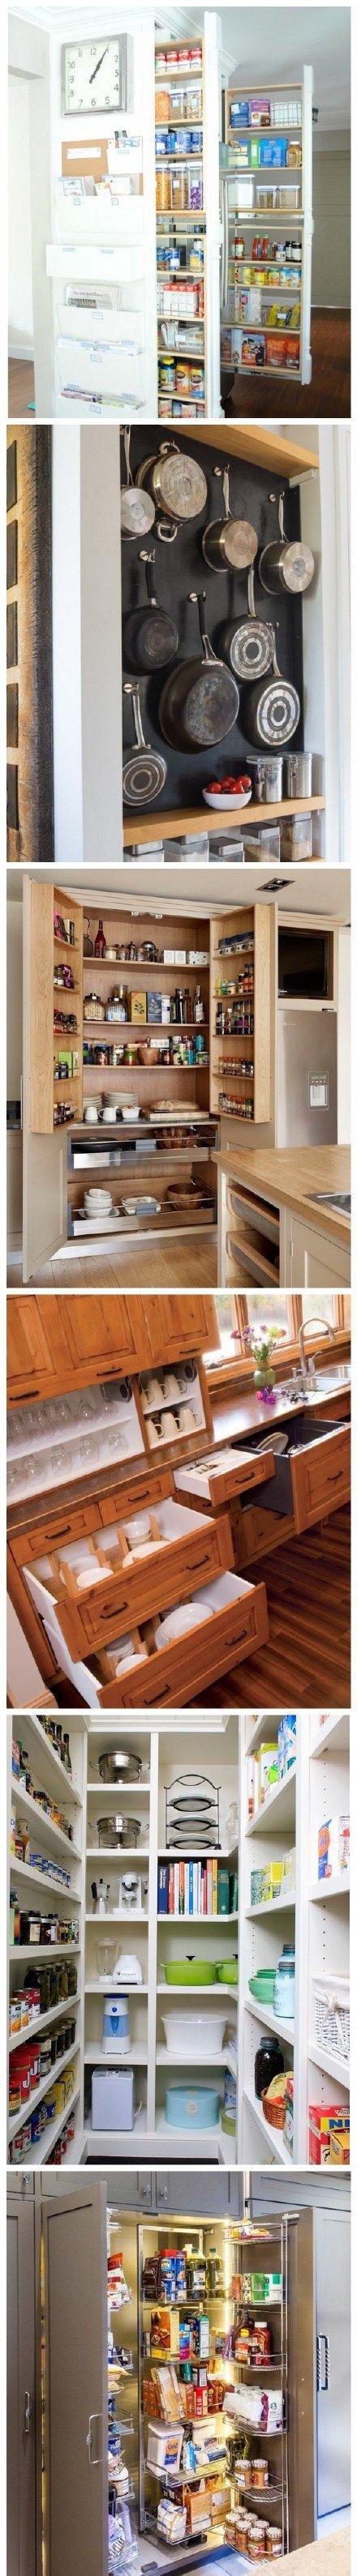 廚房設計圖片大全,多種設計案例,好看又好用!